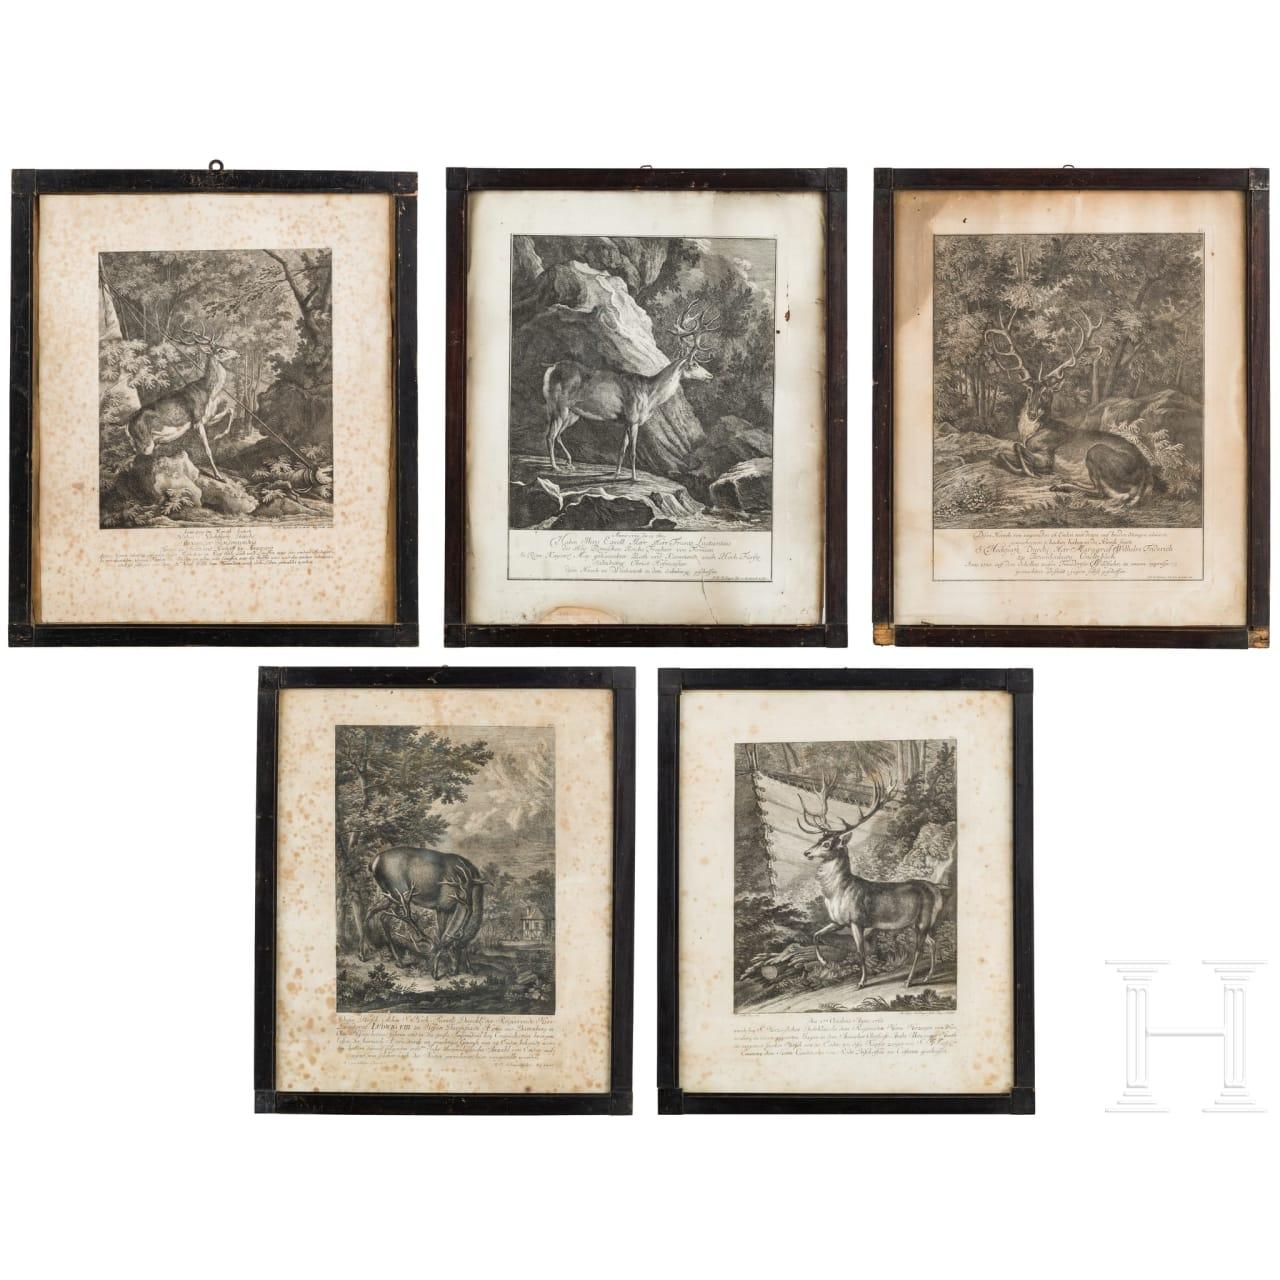 Fünf jagdliche Stiche, Elias Ridinger, Augsburg, um 1760